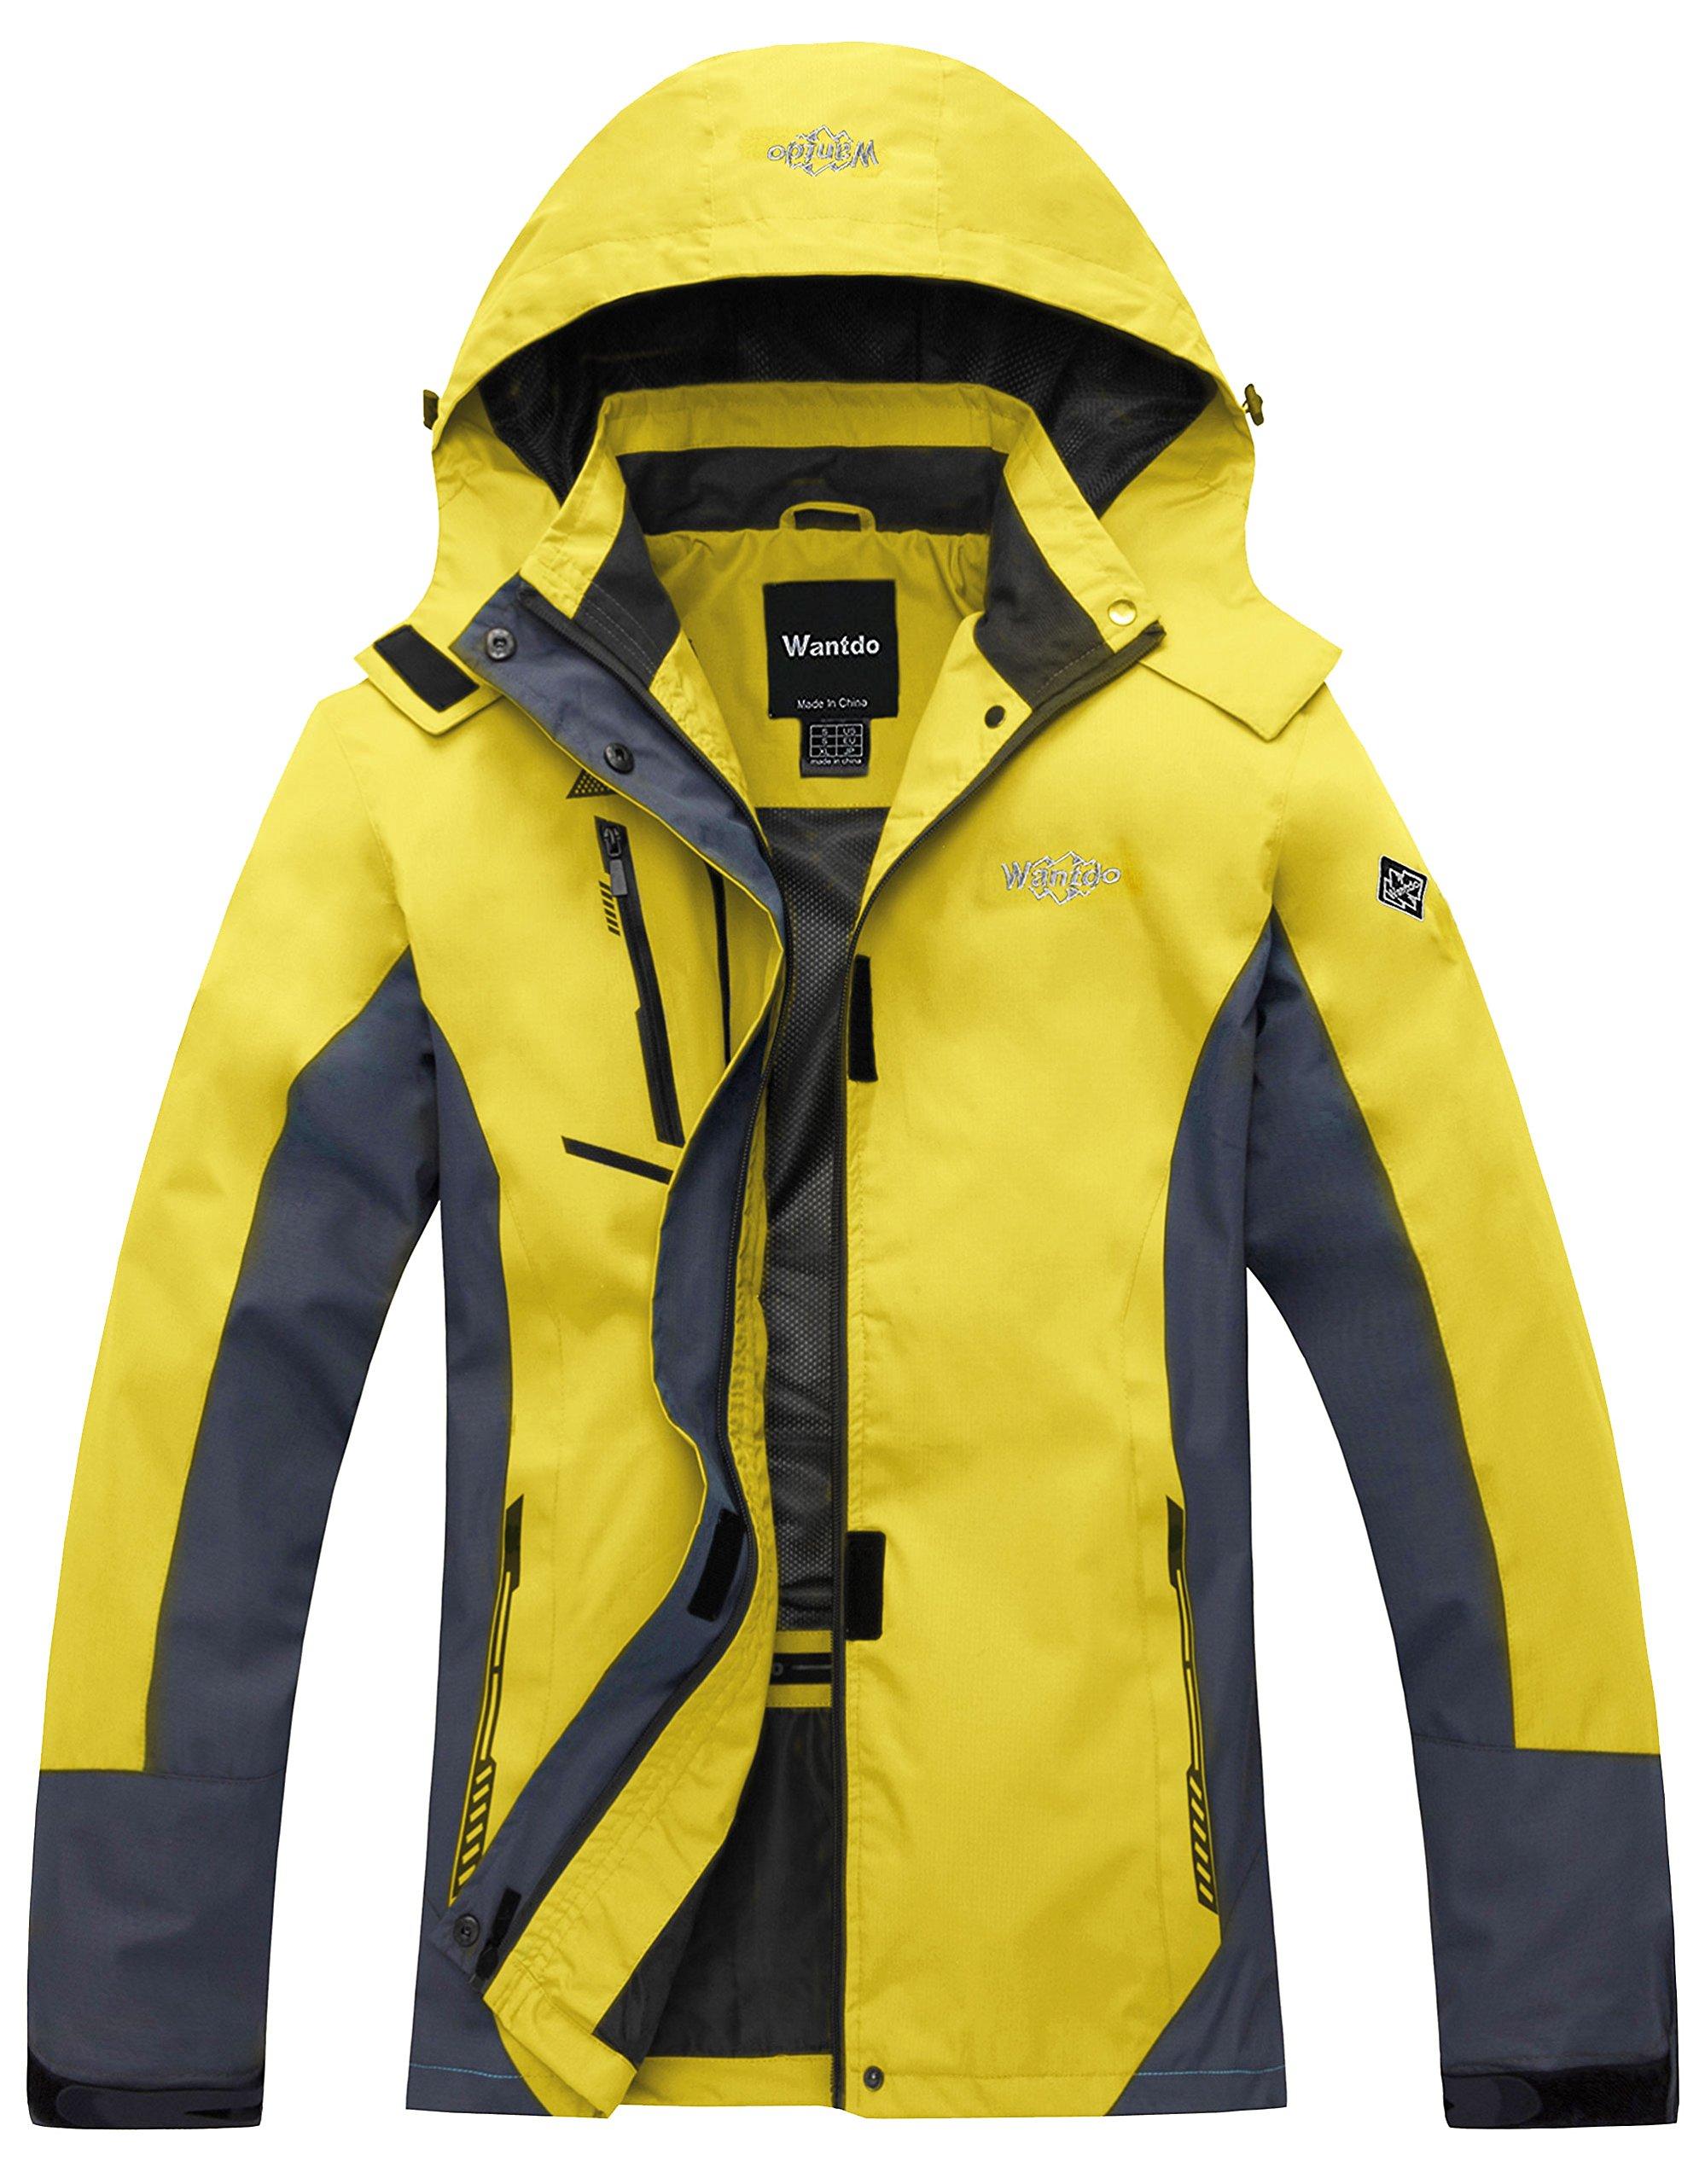 Wantdo Women's Windproof Breathable Jacket Athletes & Outdoor Sportswear